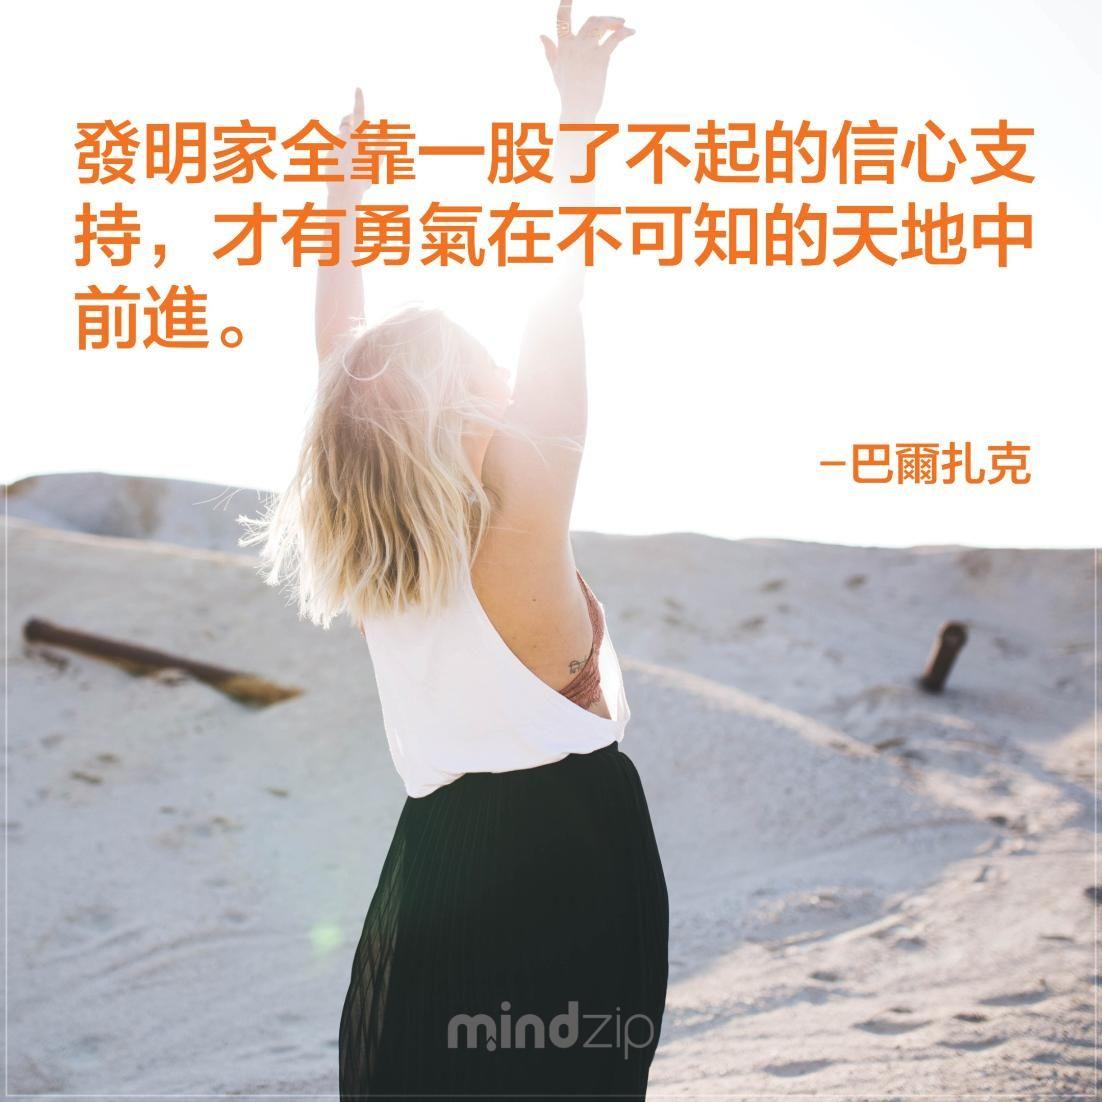 你有發明家的精神嗎? 標記你那位勇敢的朋友吧! https://i0.wp.com/get.mindzip.net #巴爾扎克 #語錄 #語錄分享 #成功 #激勵人心 ...